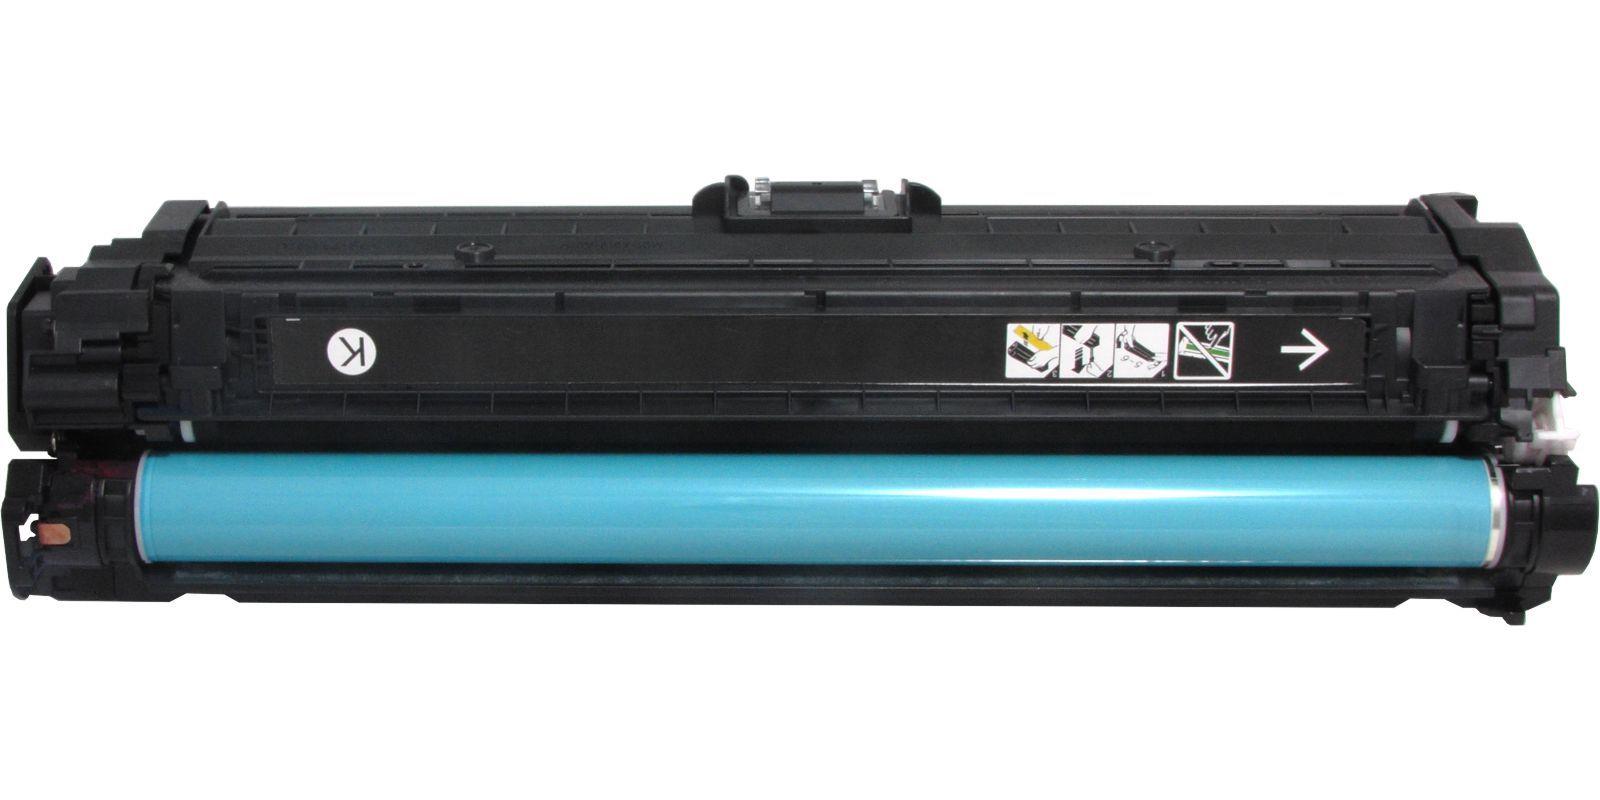 Картридж лазерный цветной MAK© 307A CE743A пурпурный (magenta), до 7300 стр.